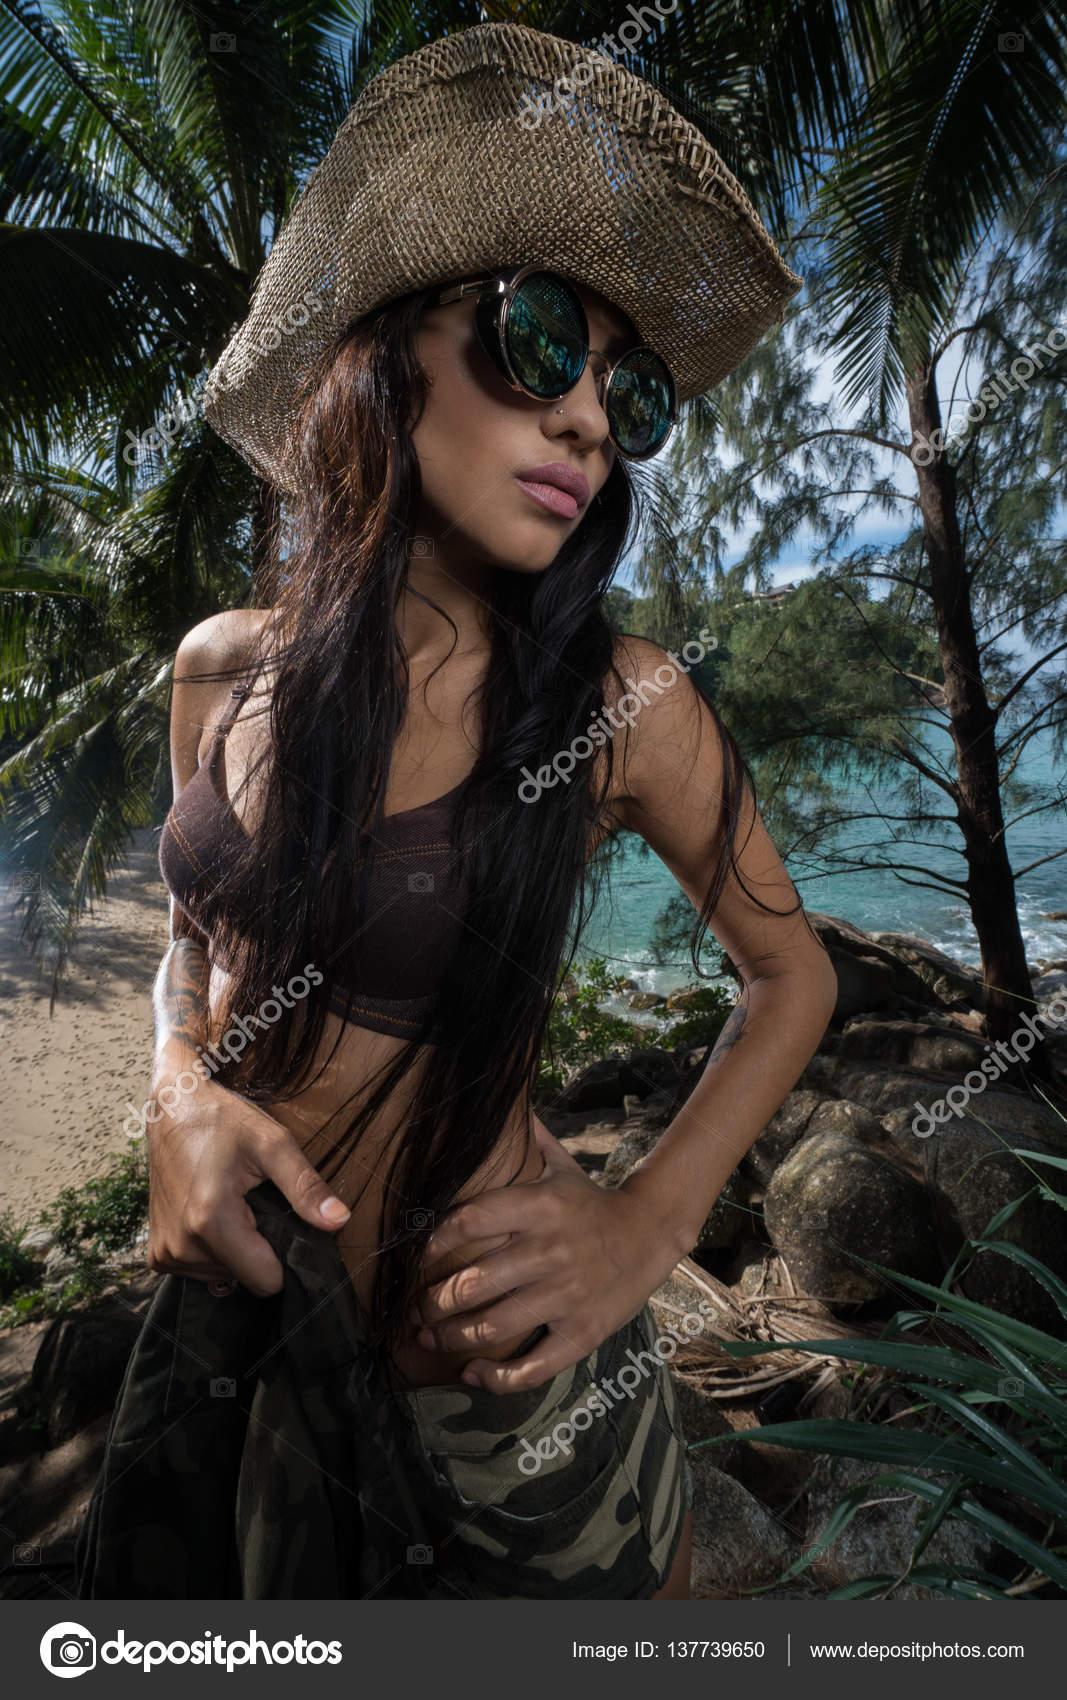 4e6bd3cc215b3c Attraente ragazza bruna in look sexy dell'esercito con cappello di paglia e  occhiali da sole in piedi nella foresta di alberi di palme tropicali sopra  la ...